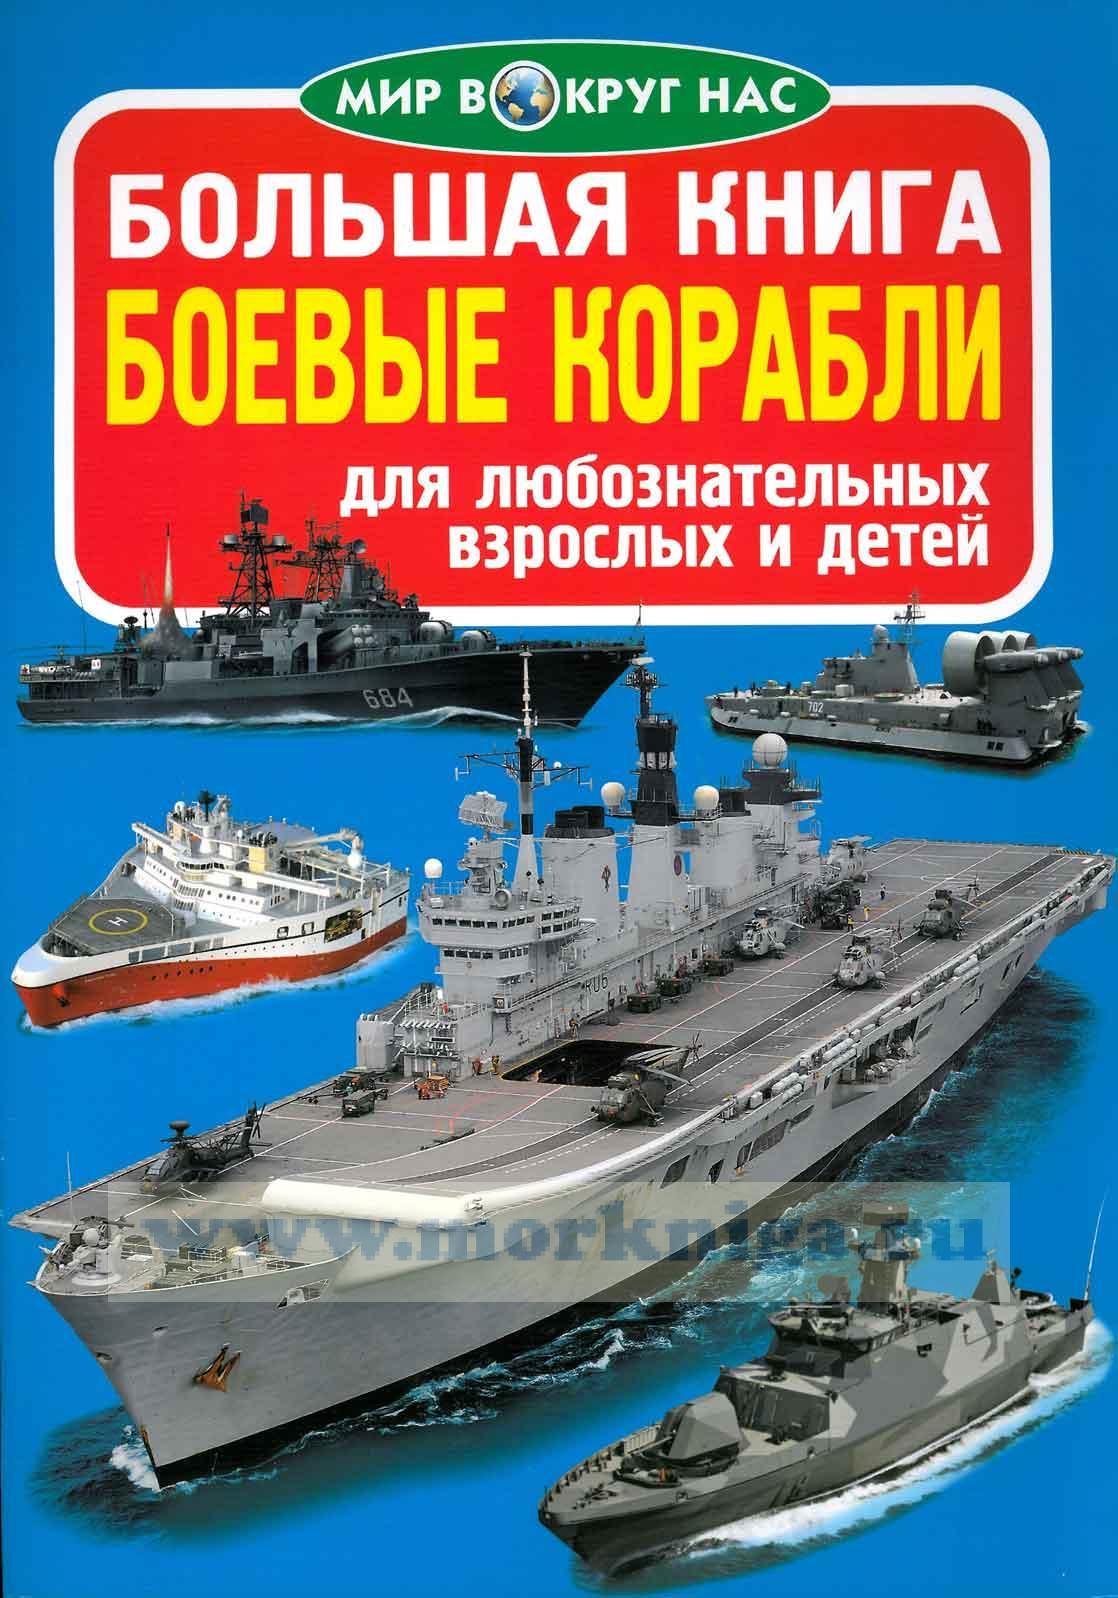 Большая книга. Боевые корабли (для любознательных взрослых и детей)